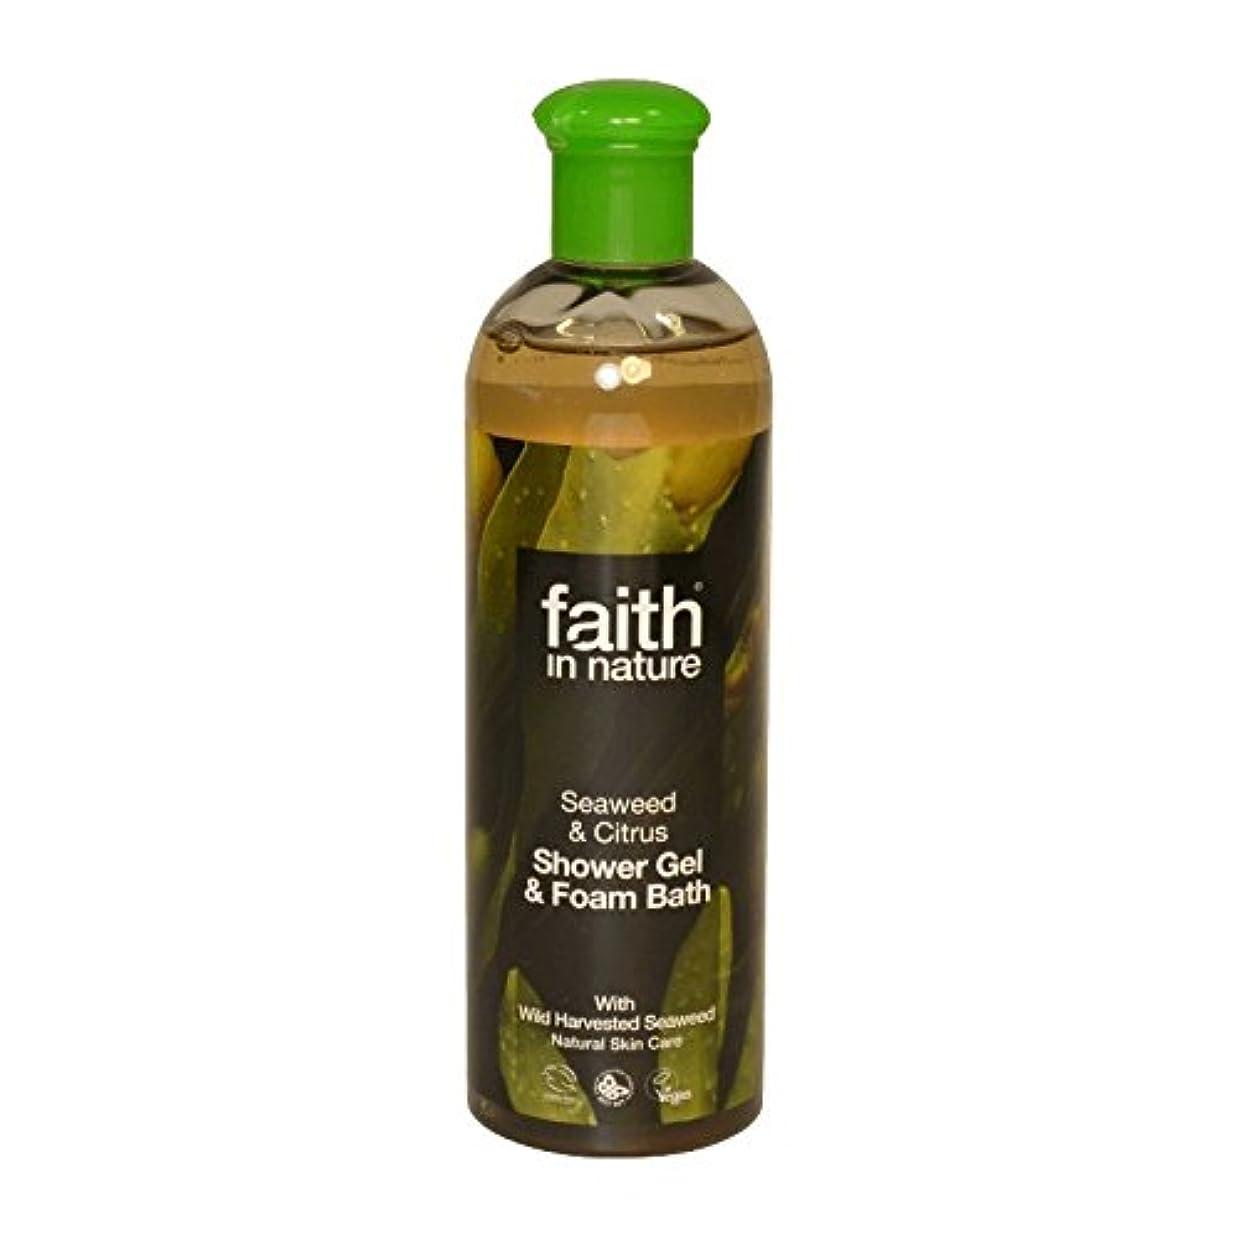 ピーブ垂直神社Faith in Nature Seaweed & Citrus Shower Gel & Bath Foam 400ml (Pack of 2) - 自然の海藻&シトラスシャワージェル&バス泡400ミリリットルの信仰 (x2) [並行輸入品]